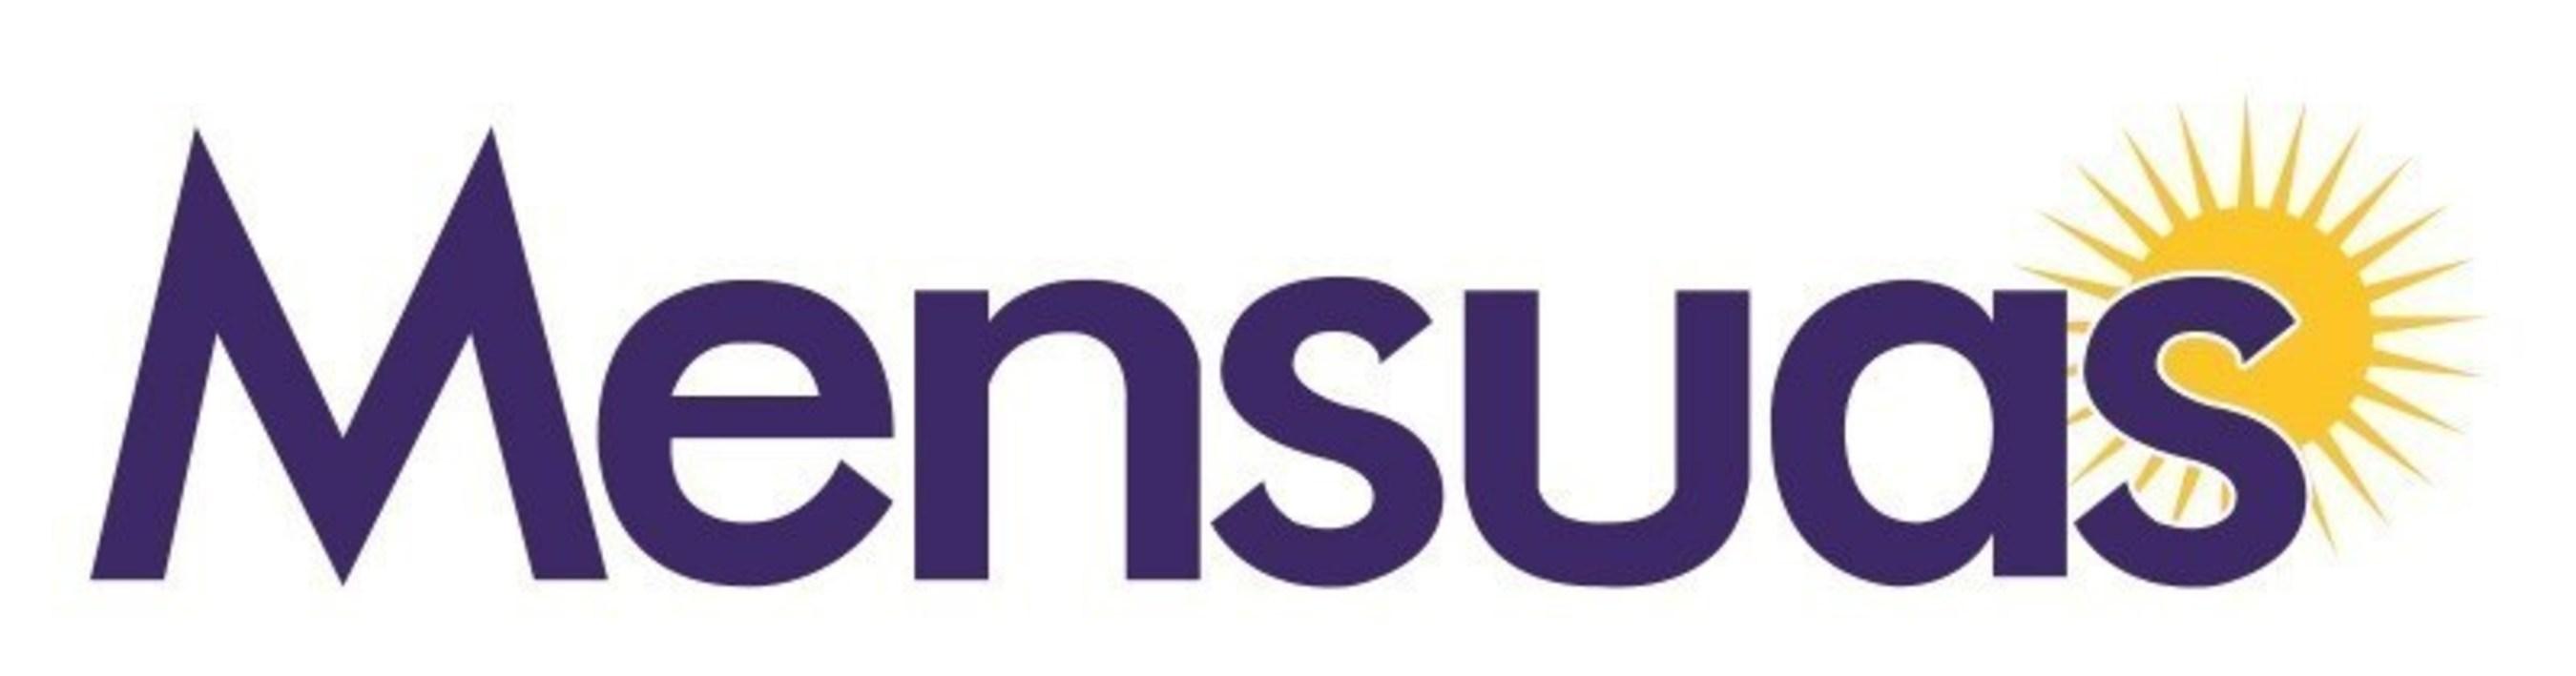 Mensuas - Men's Underwear and Swimwear Store